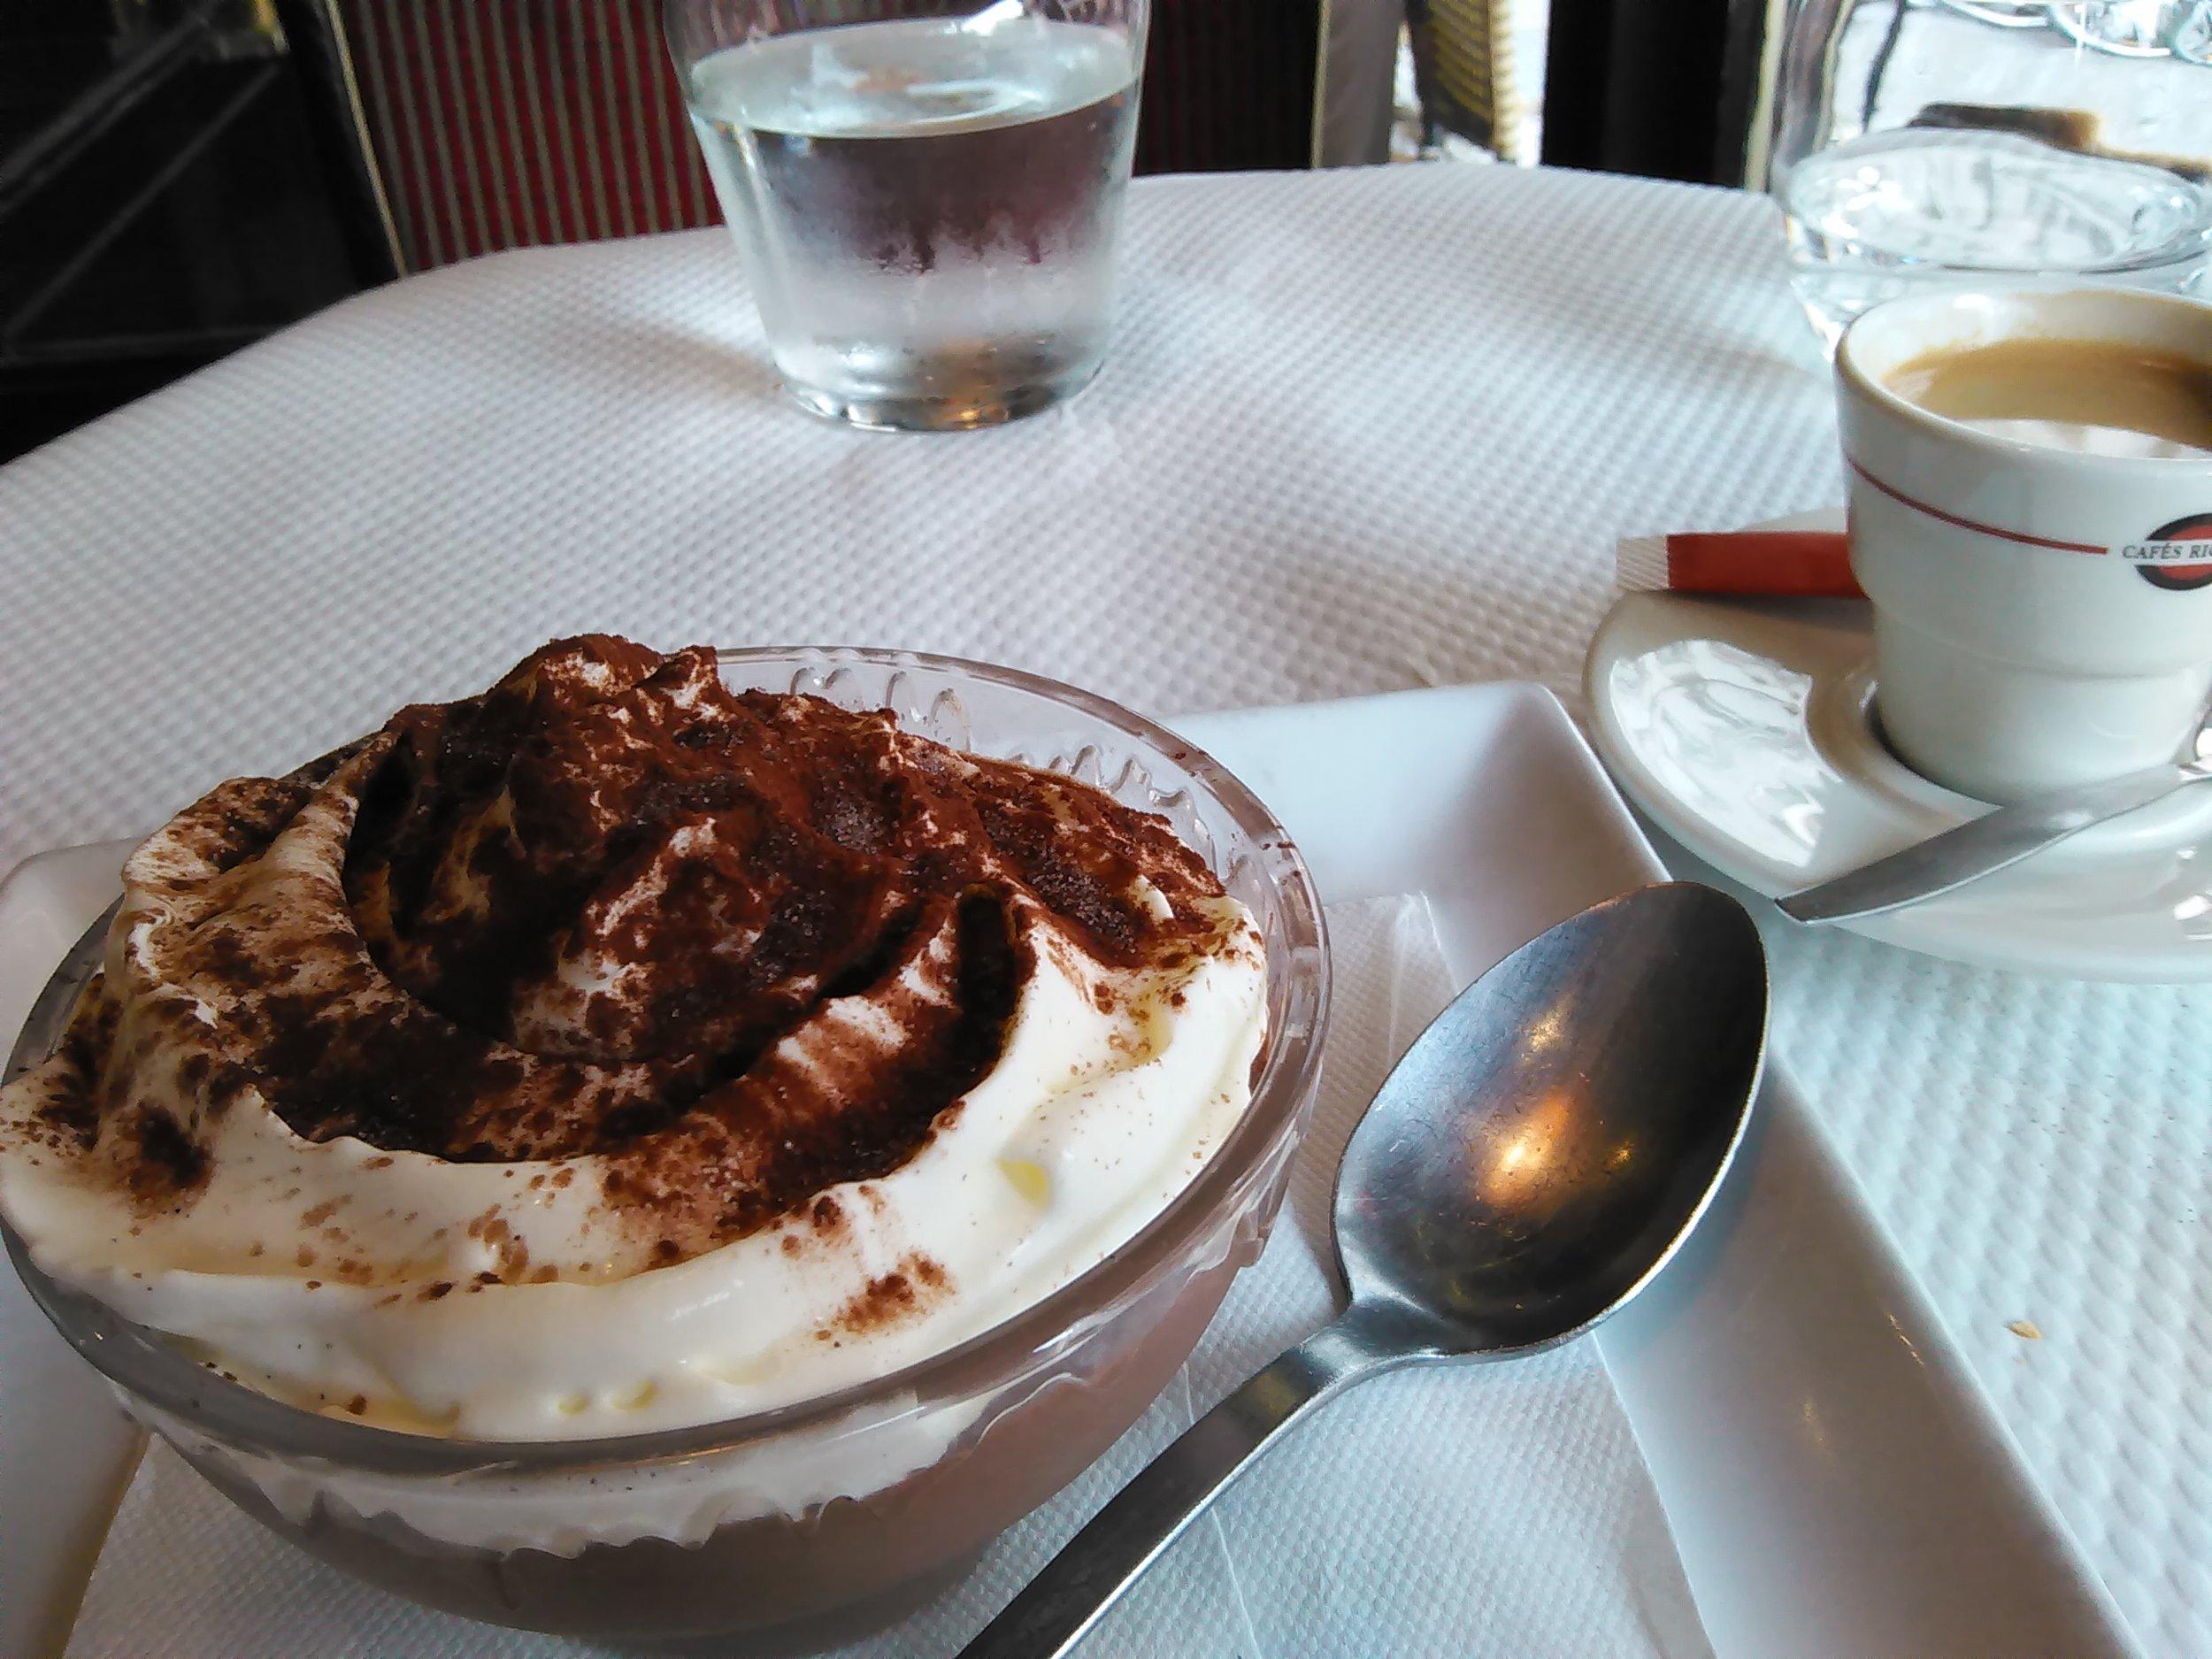 Chocolate mousse.  Photo: Elizabeth Kemble.